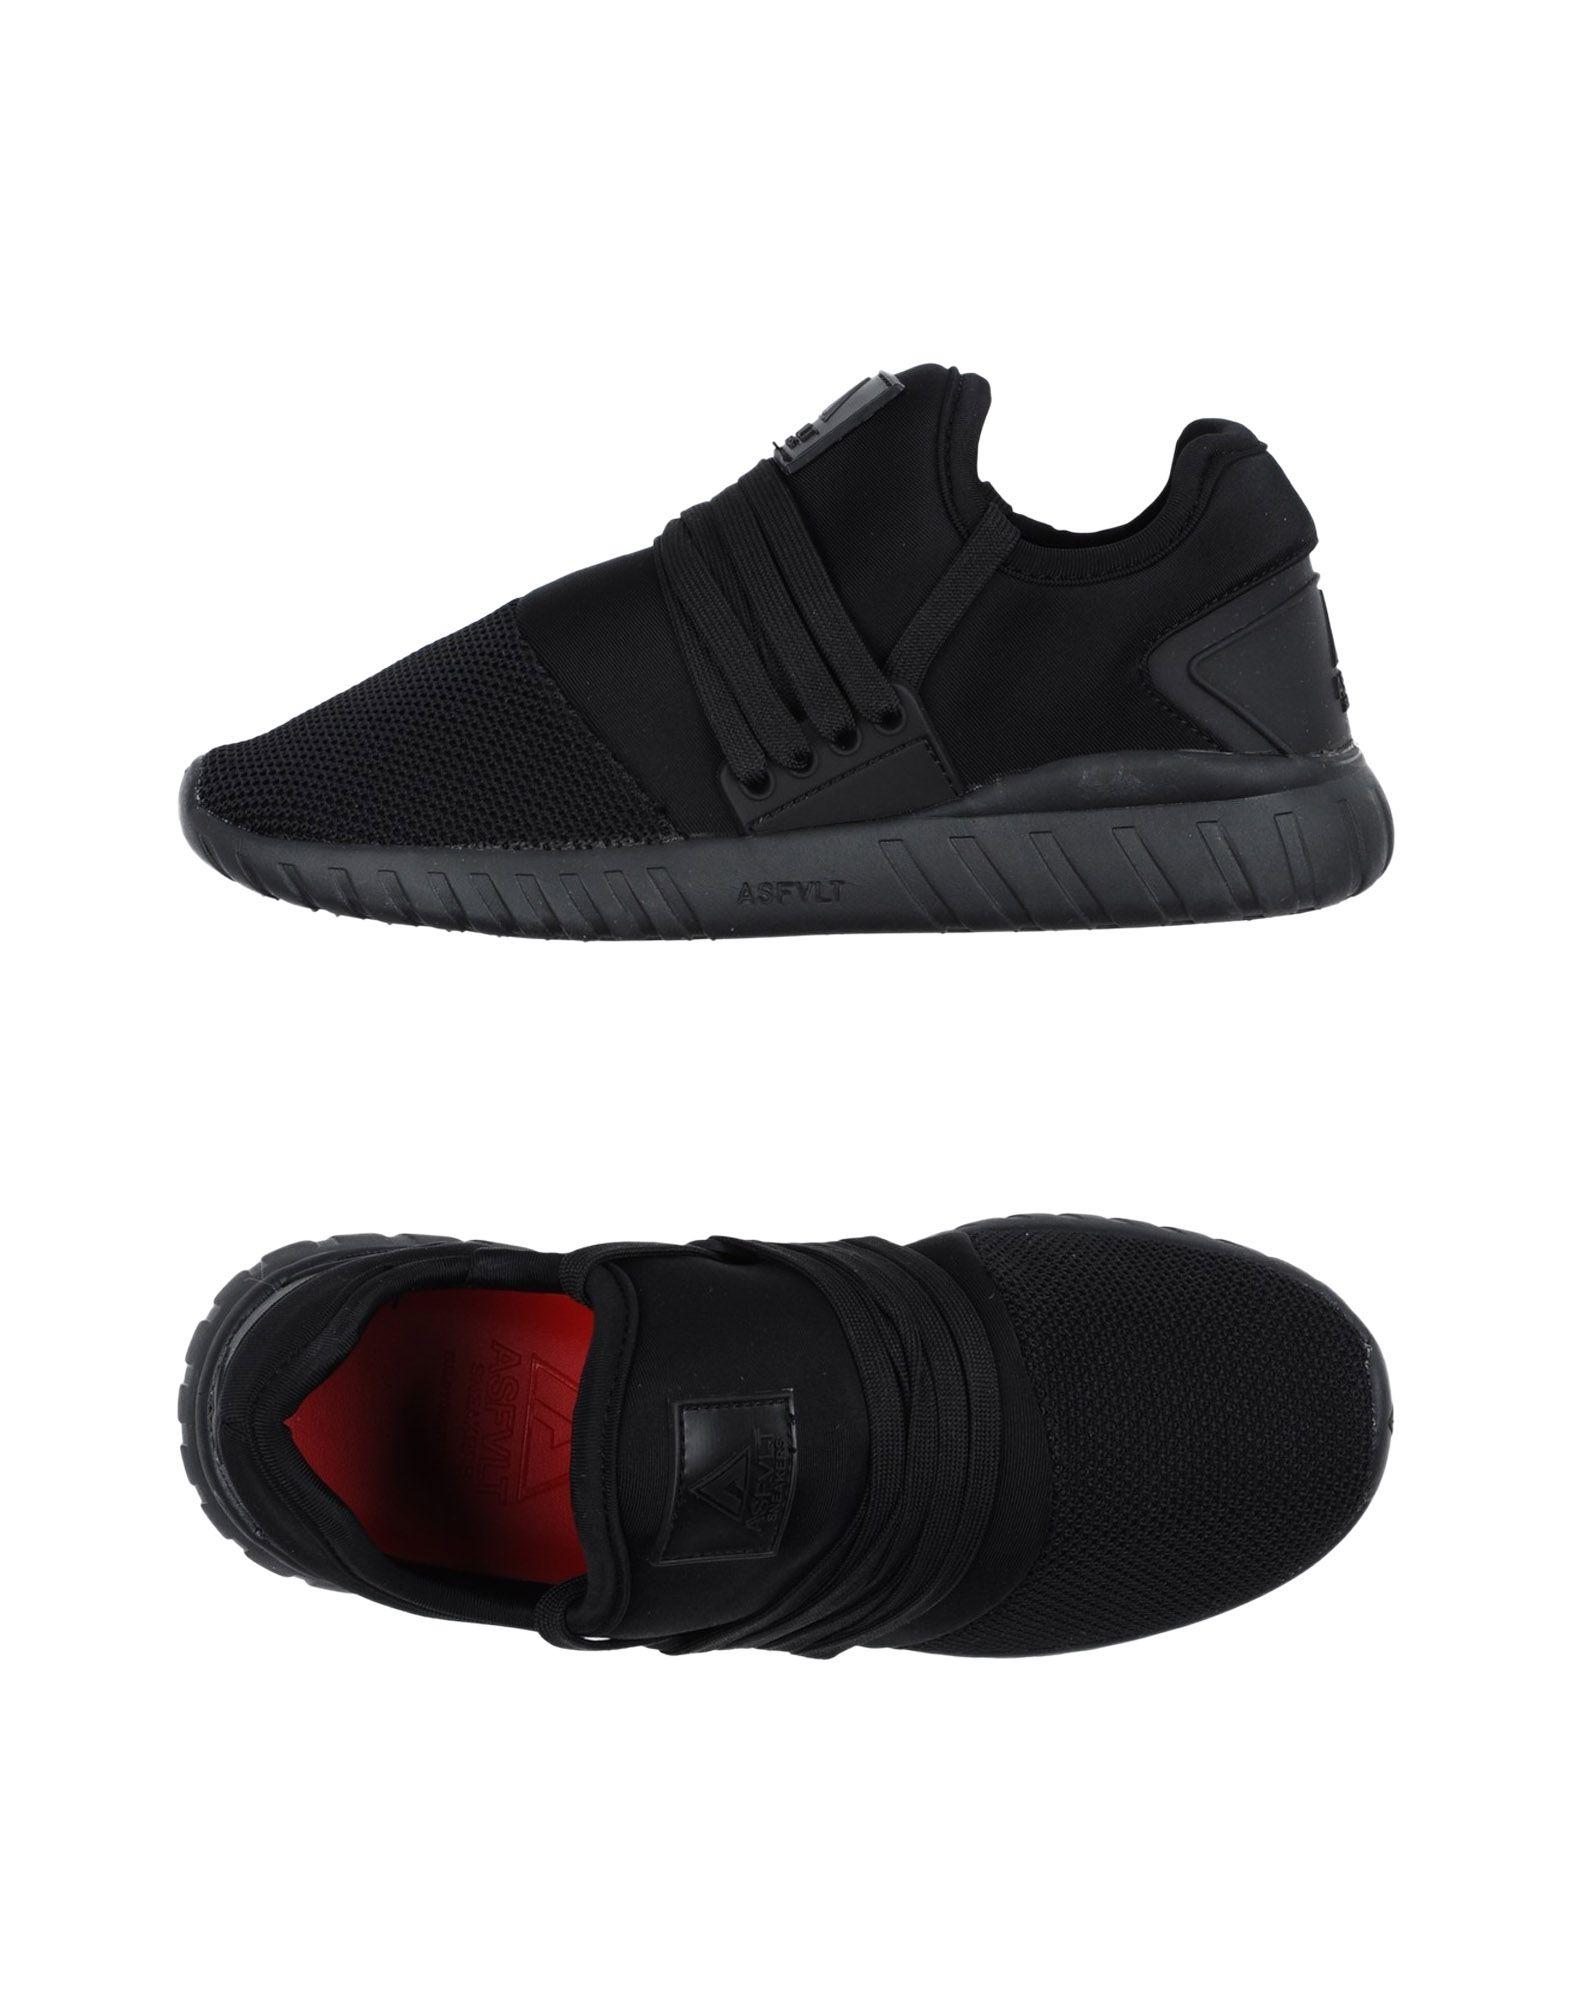 Asfvlt Sneakers Damen  11340070WN Gute Qualität beliebte Schuhe